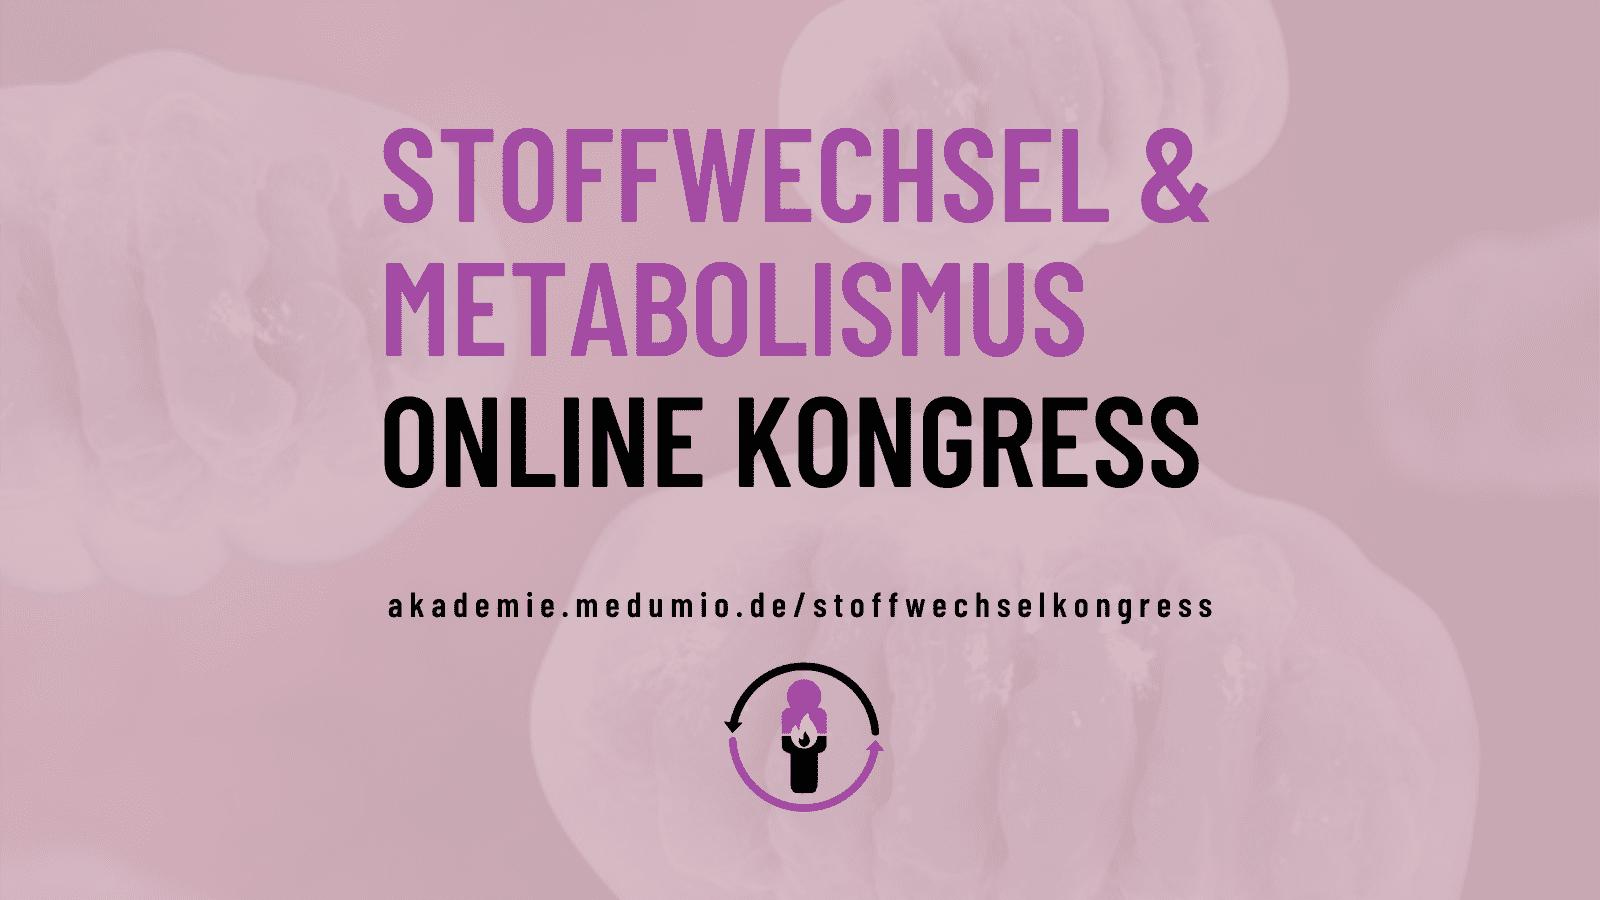 Stoffwechsel & Metabolismus Online-Kongress 2021